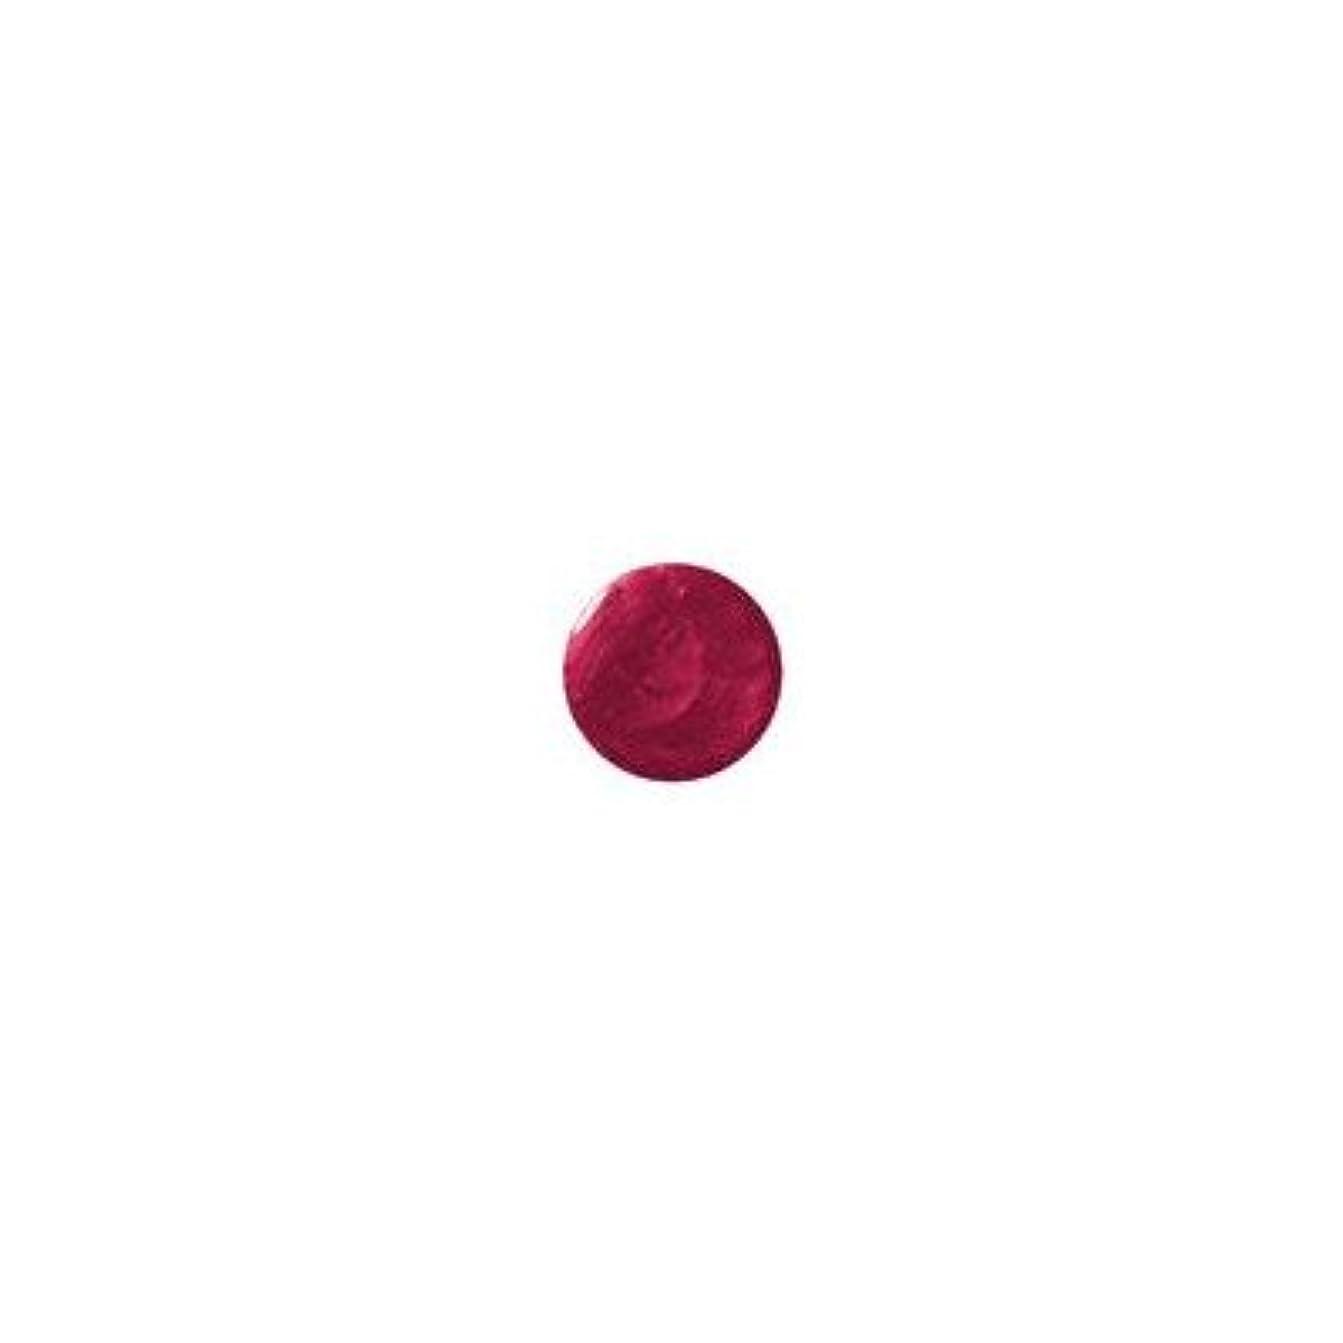 プログレッシブオーバードロークーポンジェレレーション カラー463Fパッショネイトキッシーズ